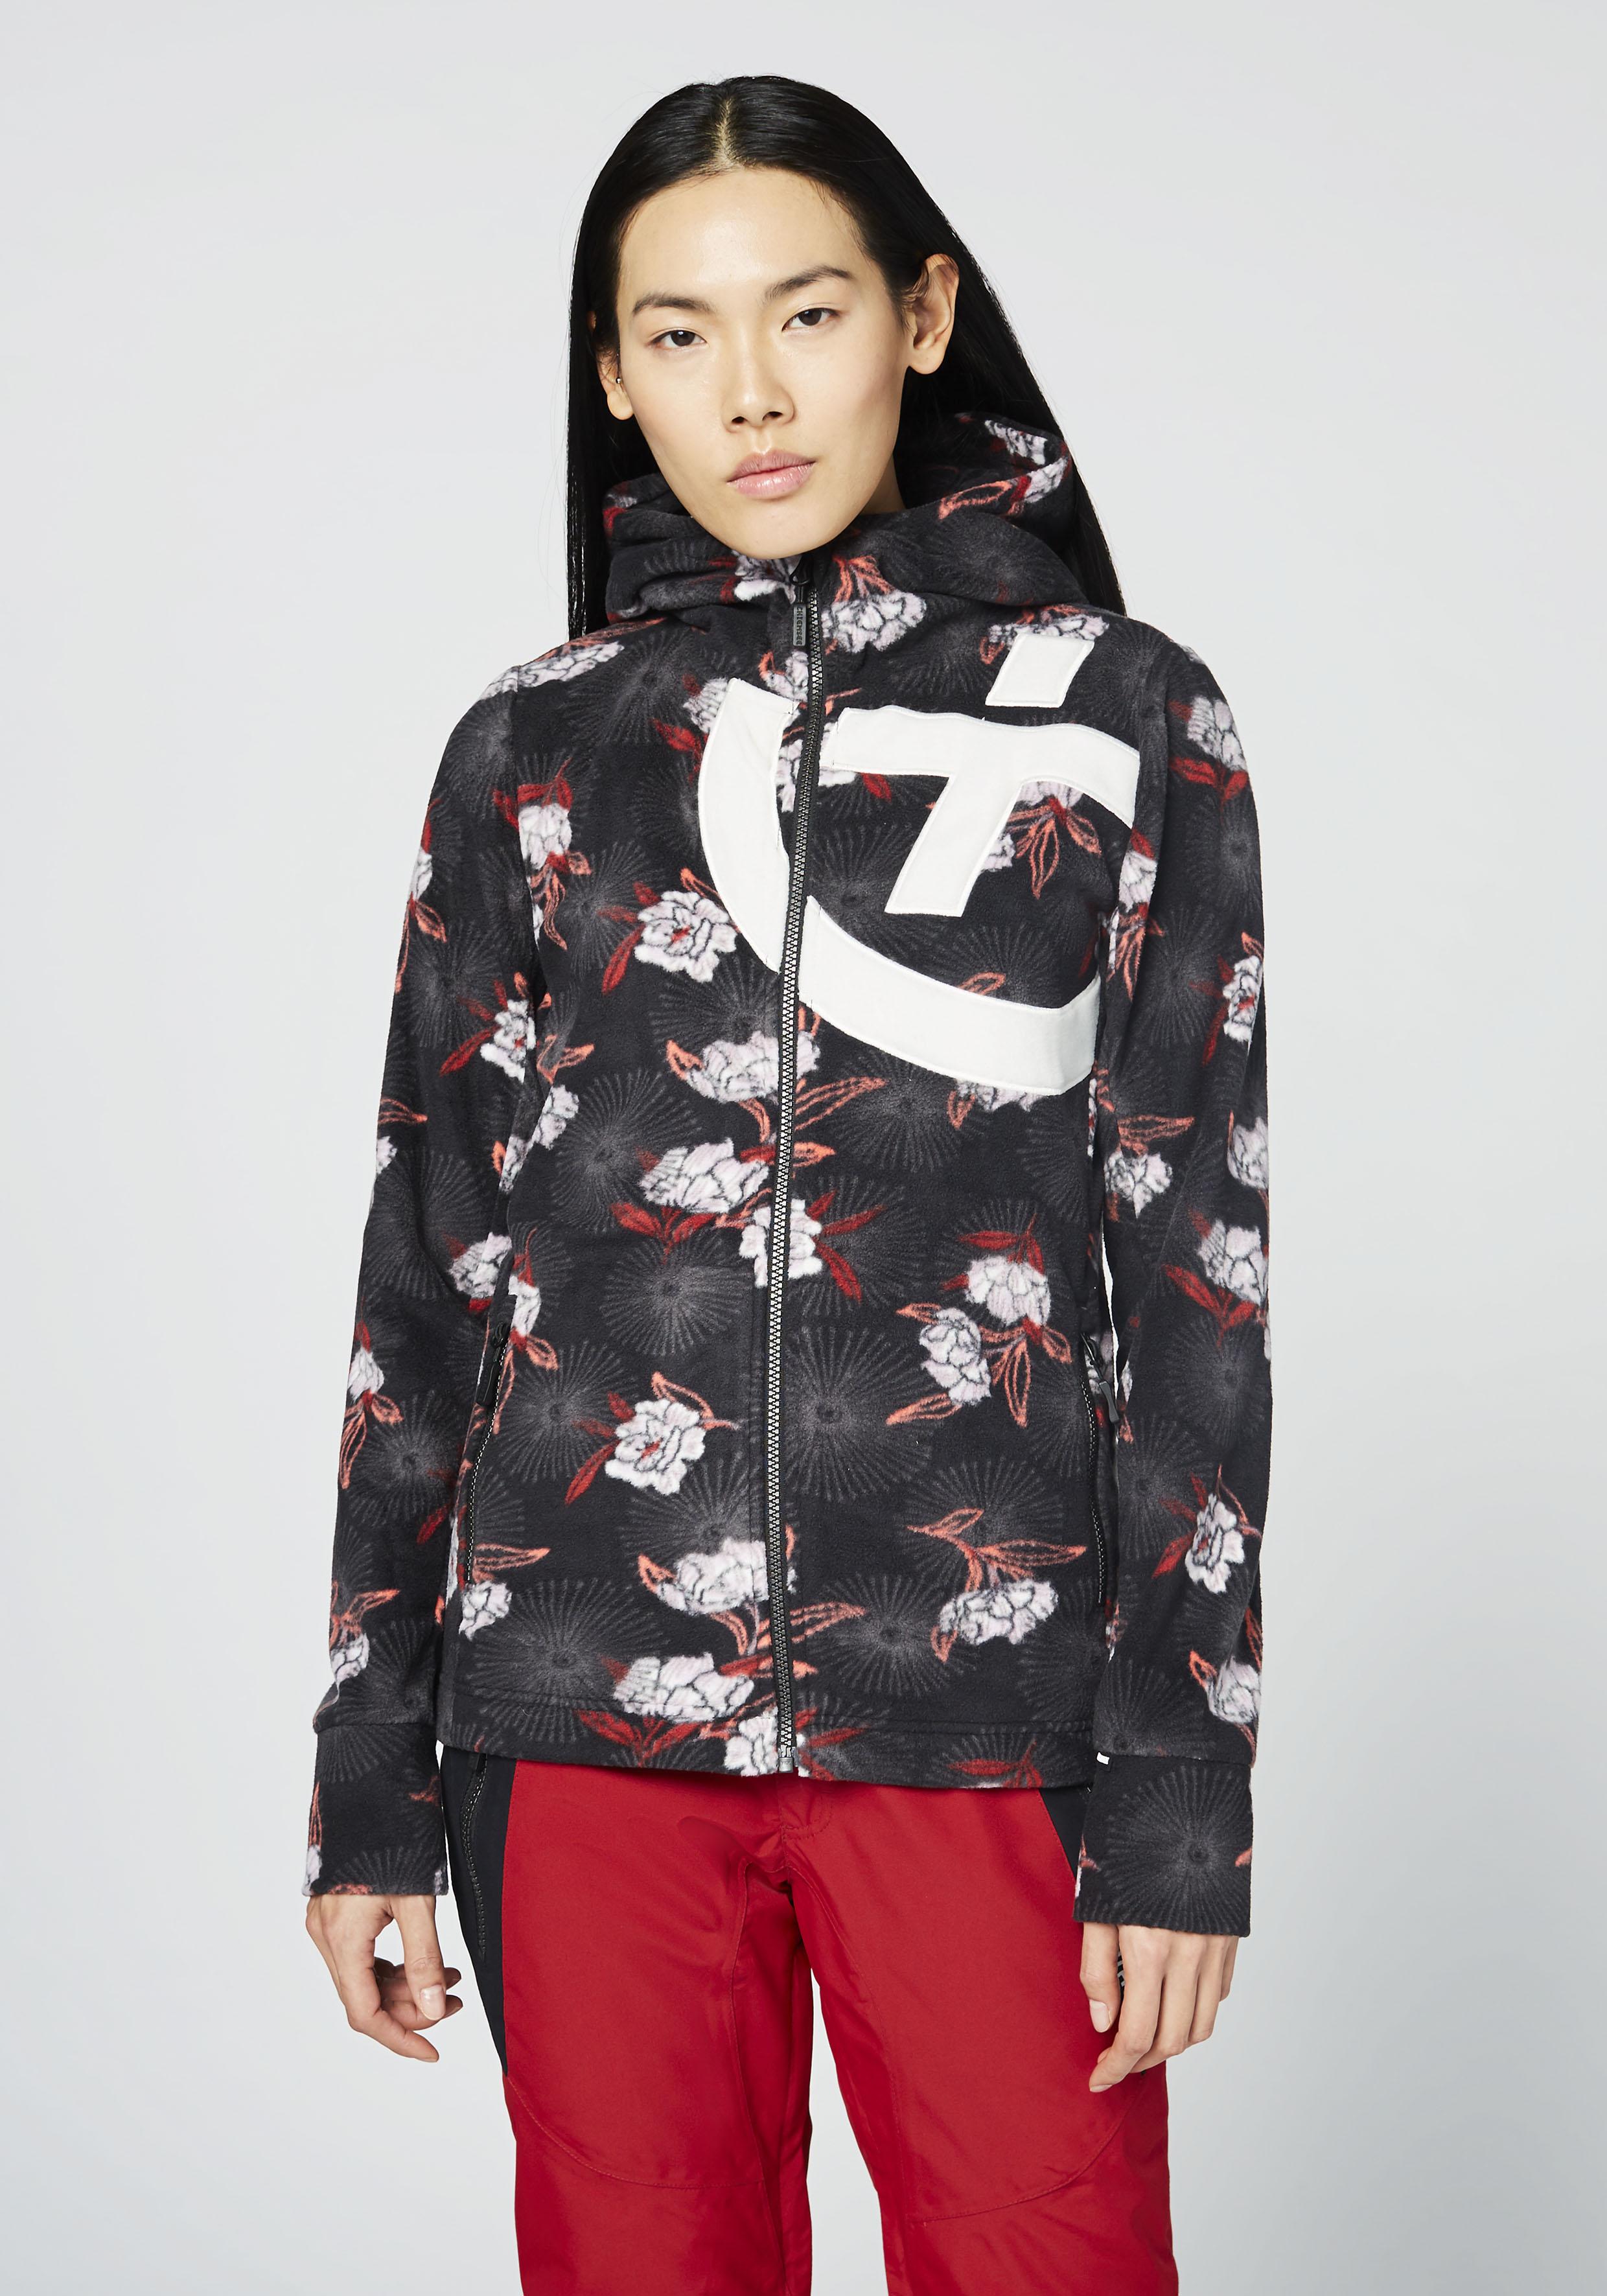 Chiemsee Sweatjacke Fleecejacke für Damen | Bekleidung > Sweatshirts & -jacken > Sweatjacken | Schwarz | Chiemsee